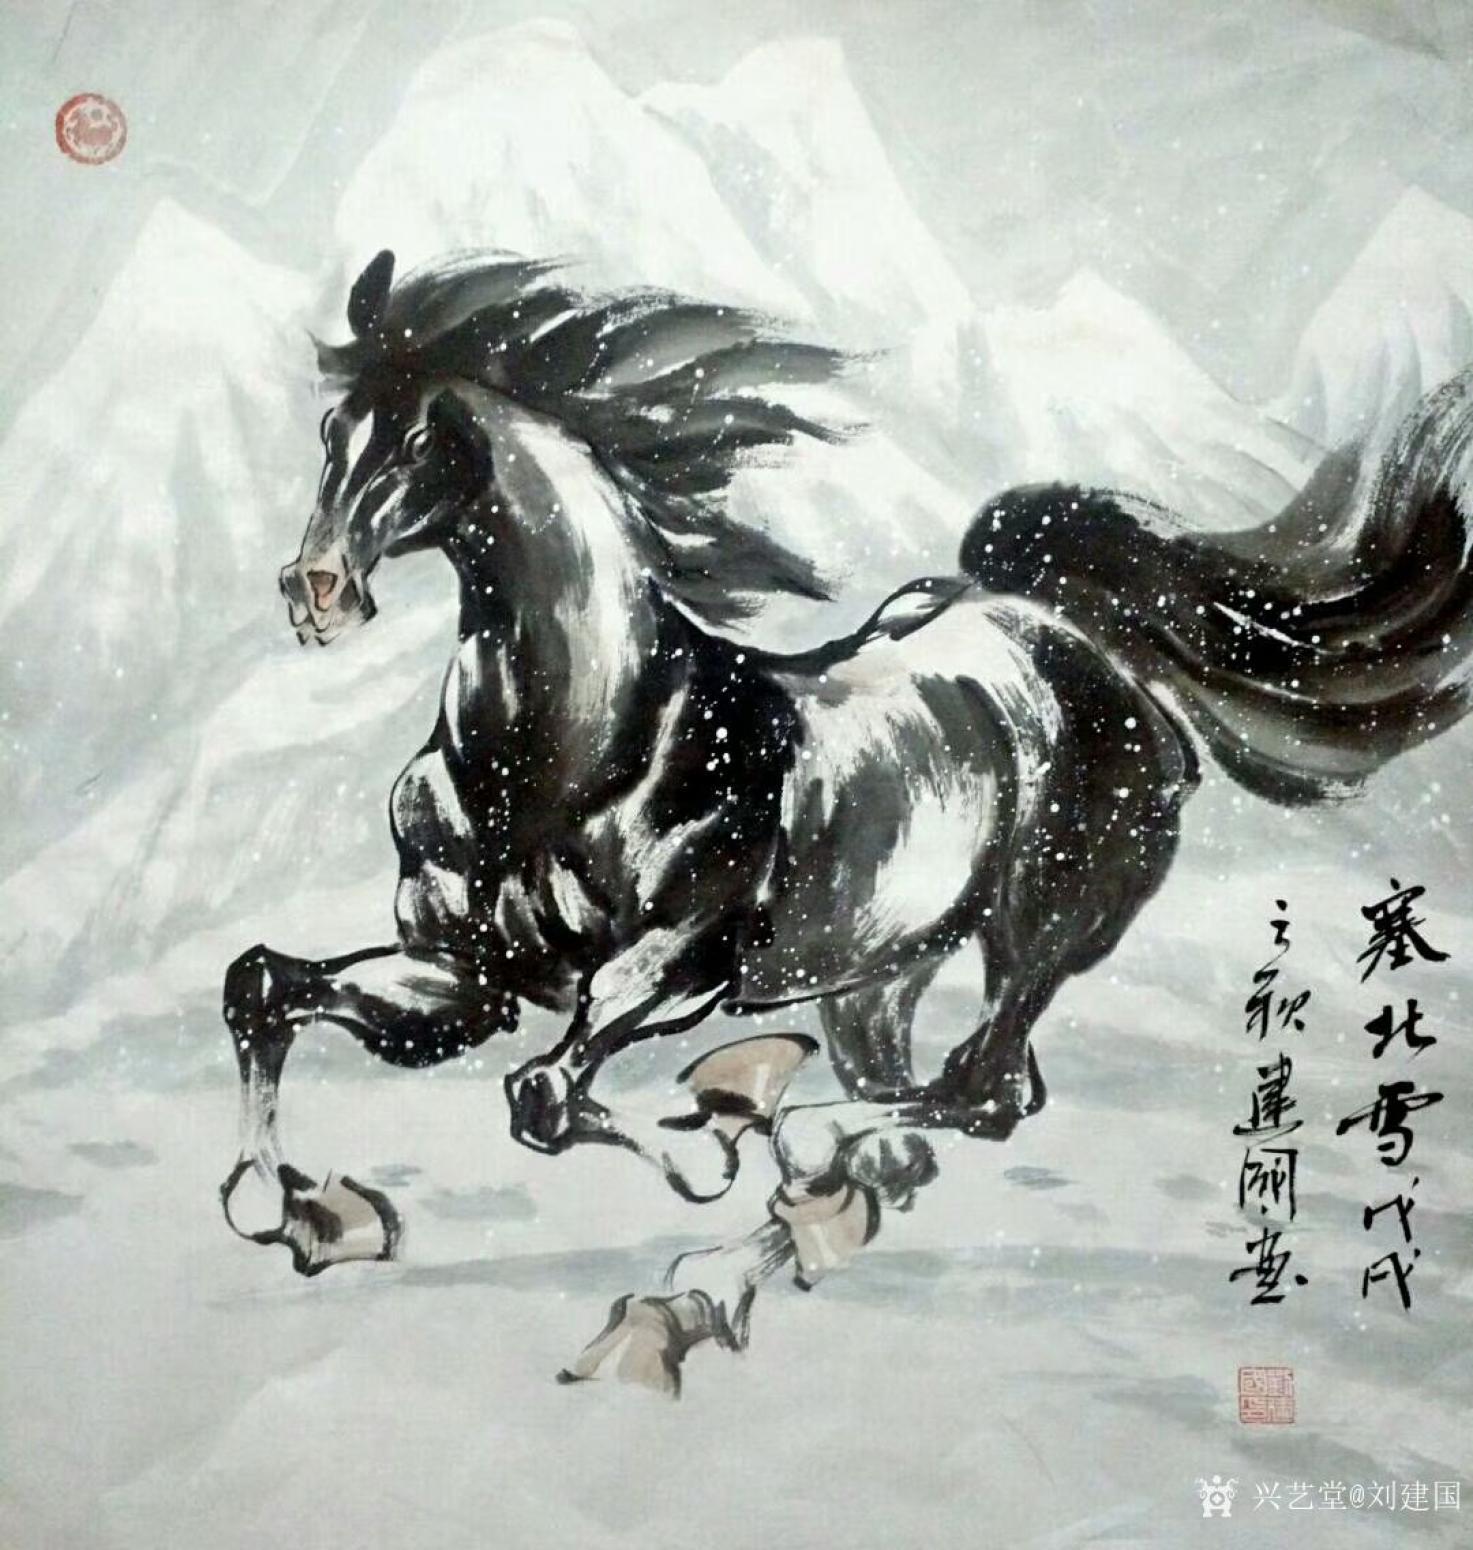 刘建国国画作品《塞北雪》